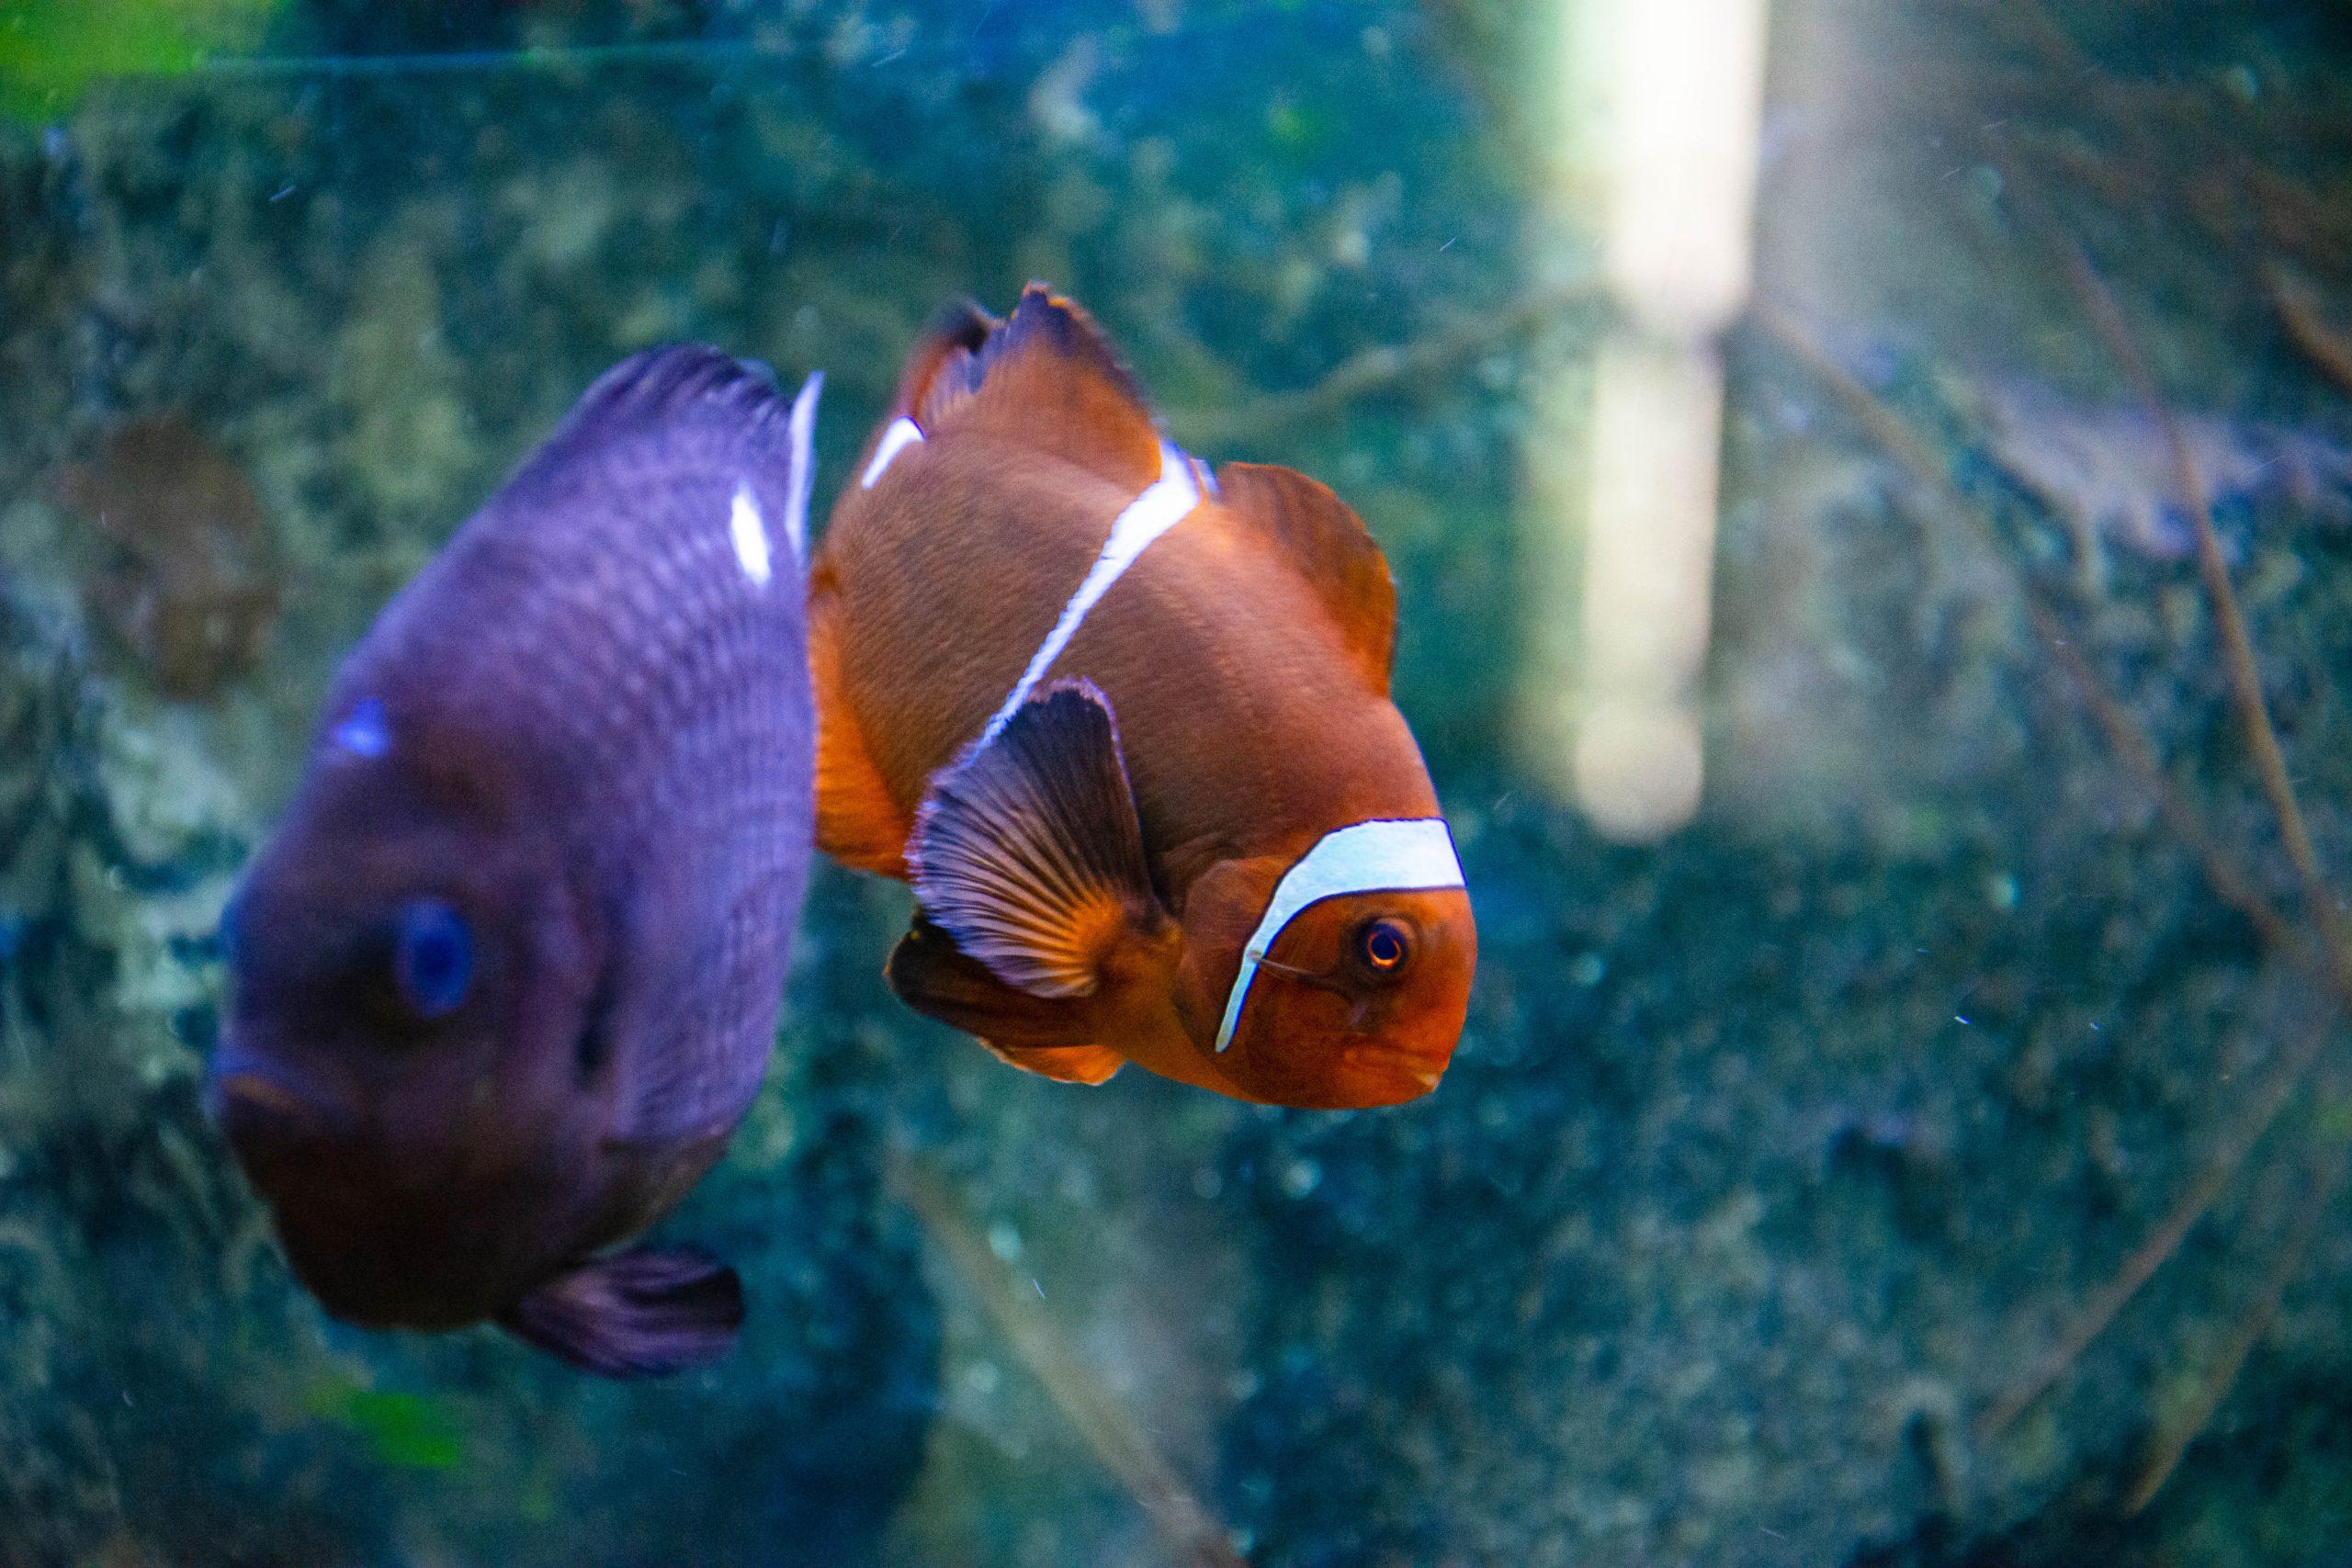 U Javnom akvarijumu: Mesto gde su životinje uvek na prvom mestu 5